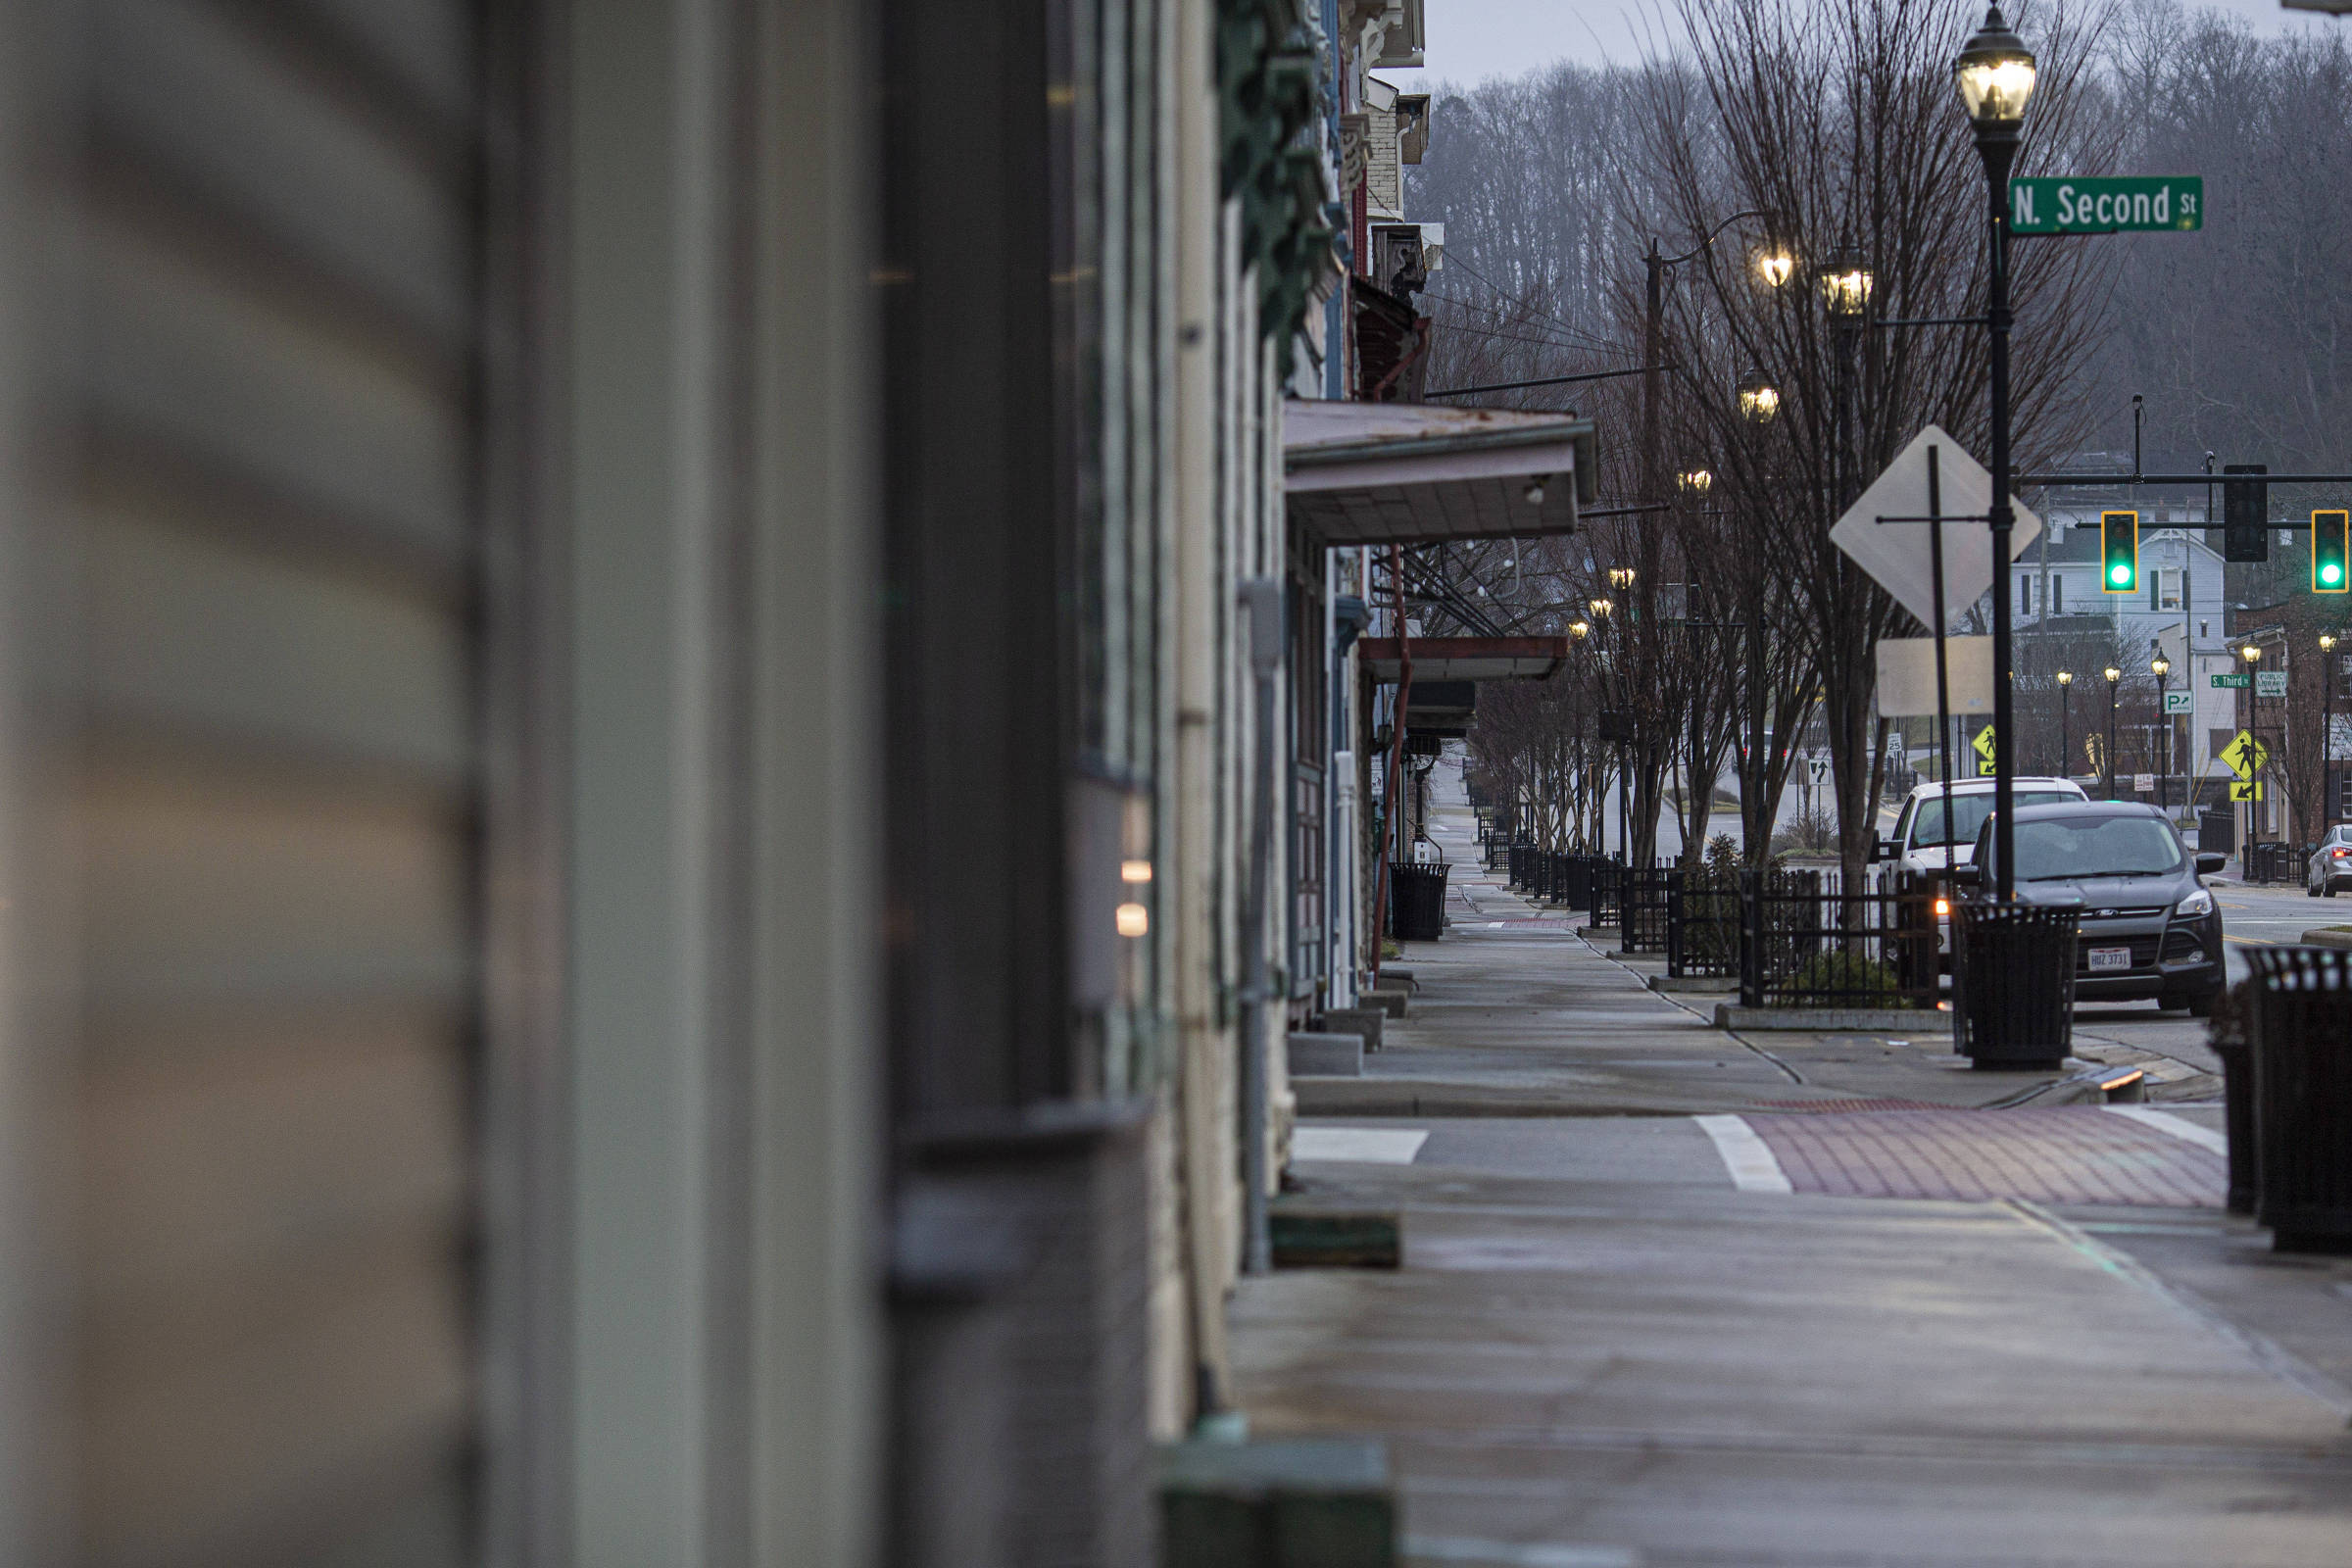 Rua da cidade de Batavia, no condado de Clermont, Ohio